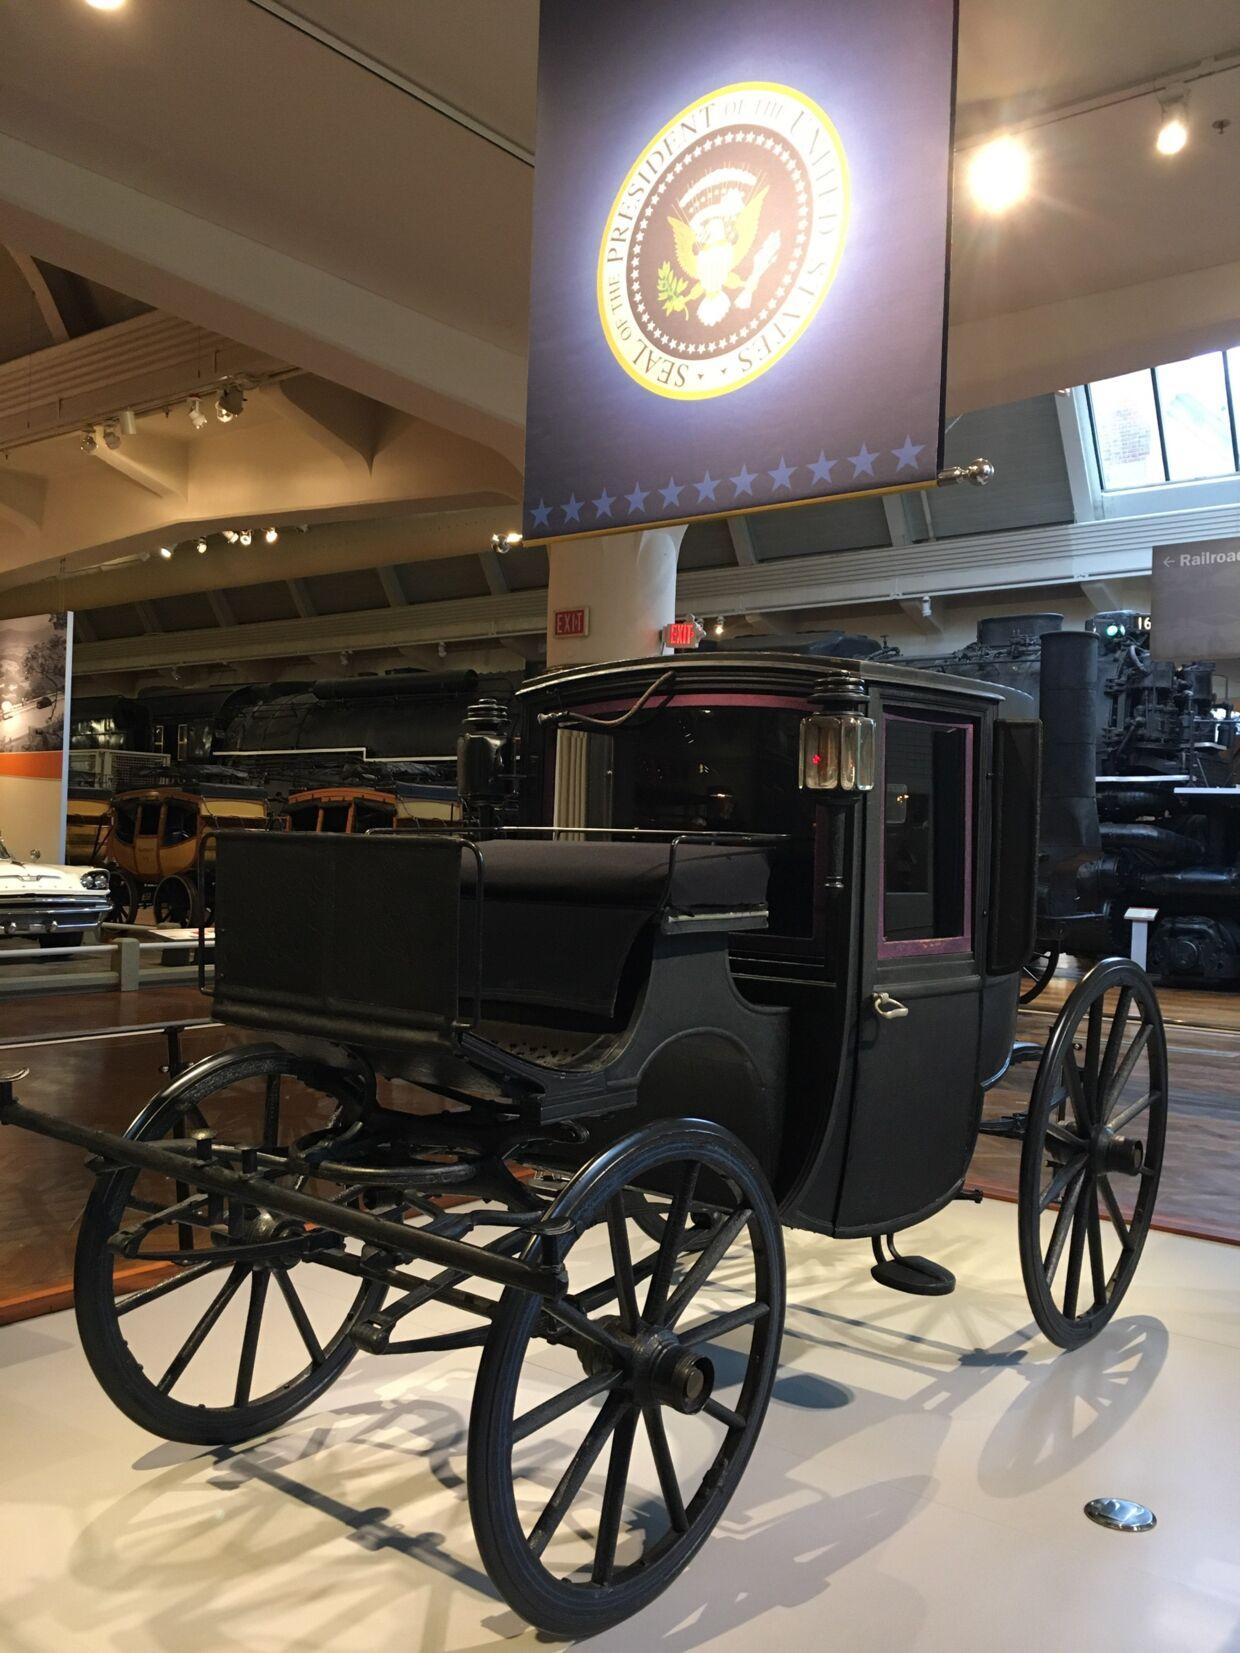 Præsident Theodore Roosevelt havde ikke meget tiltro til de her nymodens automobiler. Derfor foretrak han at køre rundt i denne Brougham-karet fra 1902.